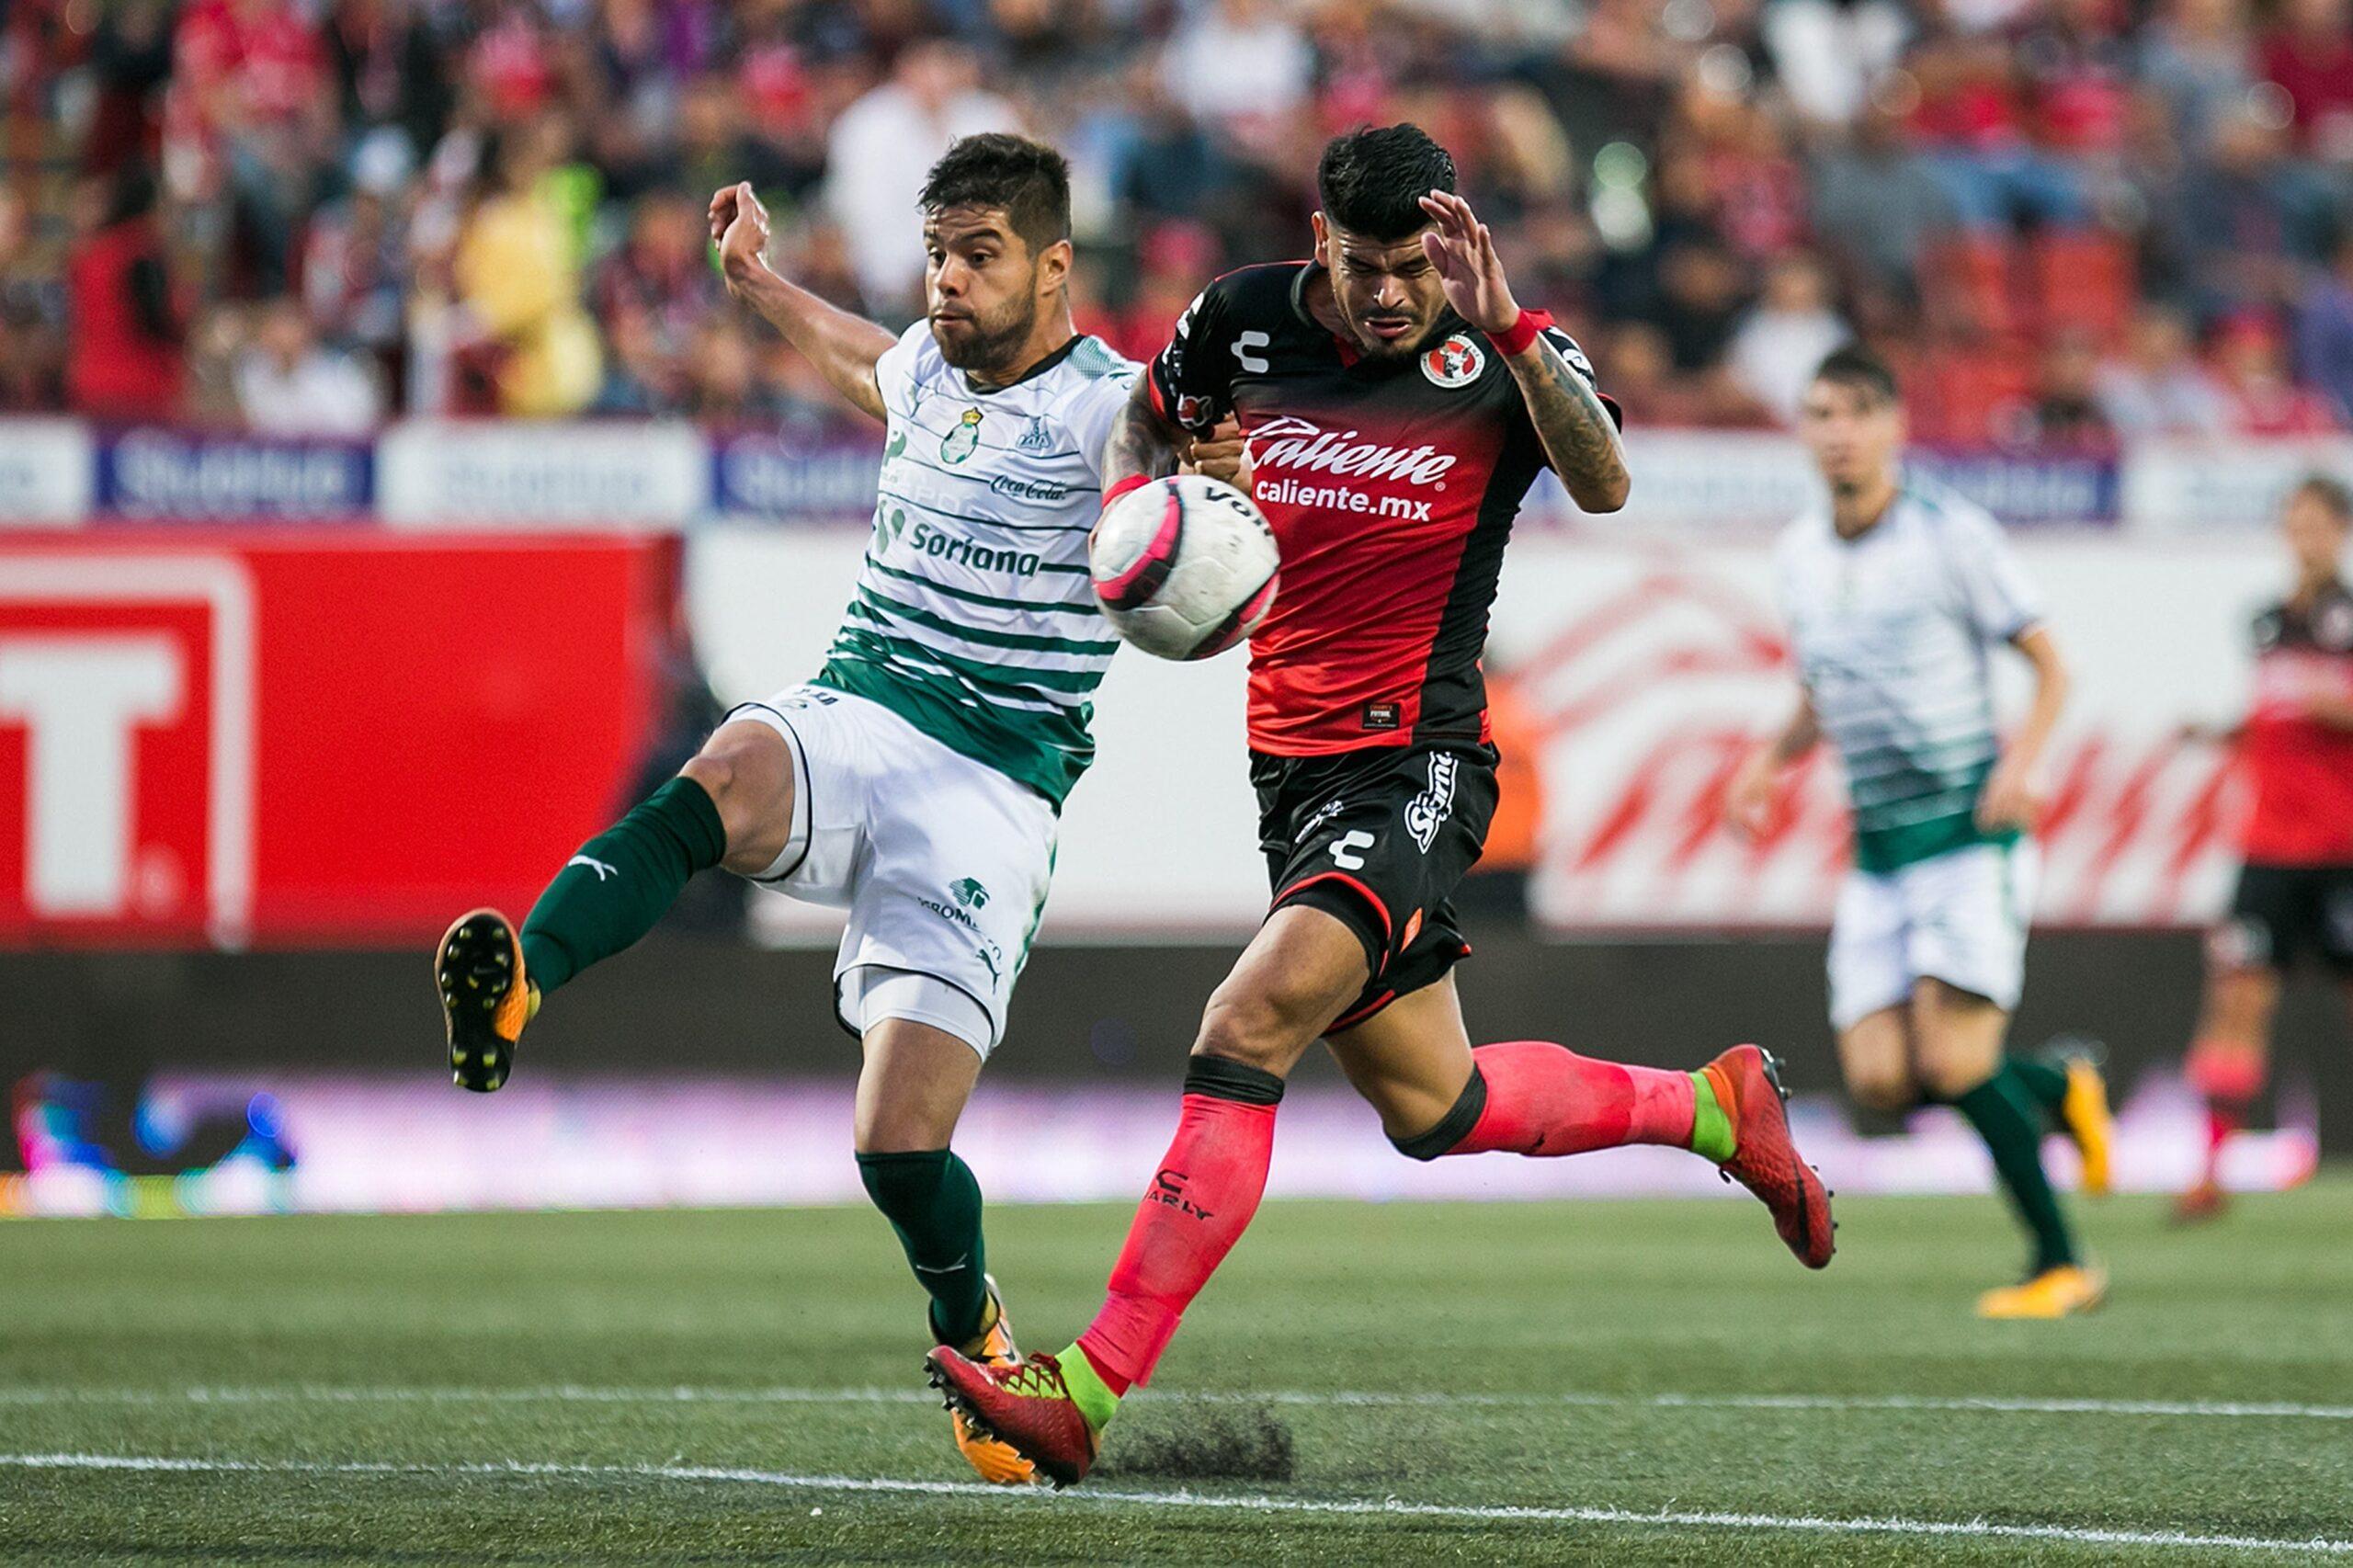 Liga MX: Previa, horario y dónde ver en vivo Santos vs Xolos Jornada 6 Clausura 2019